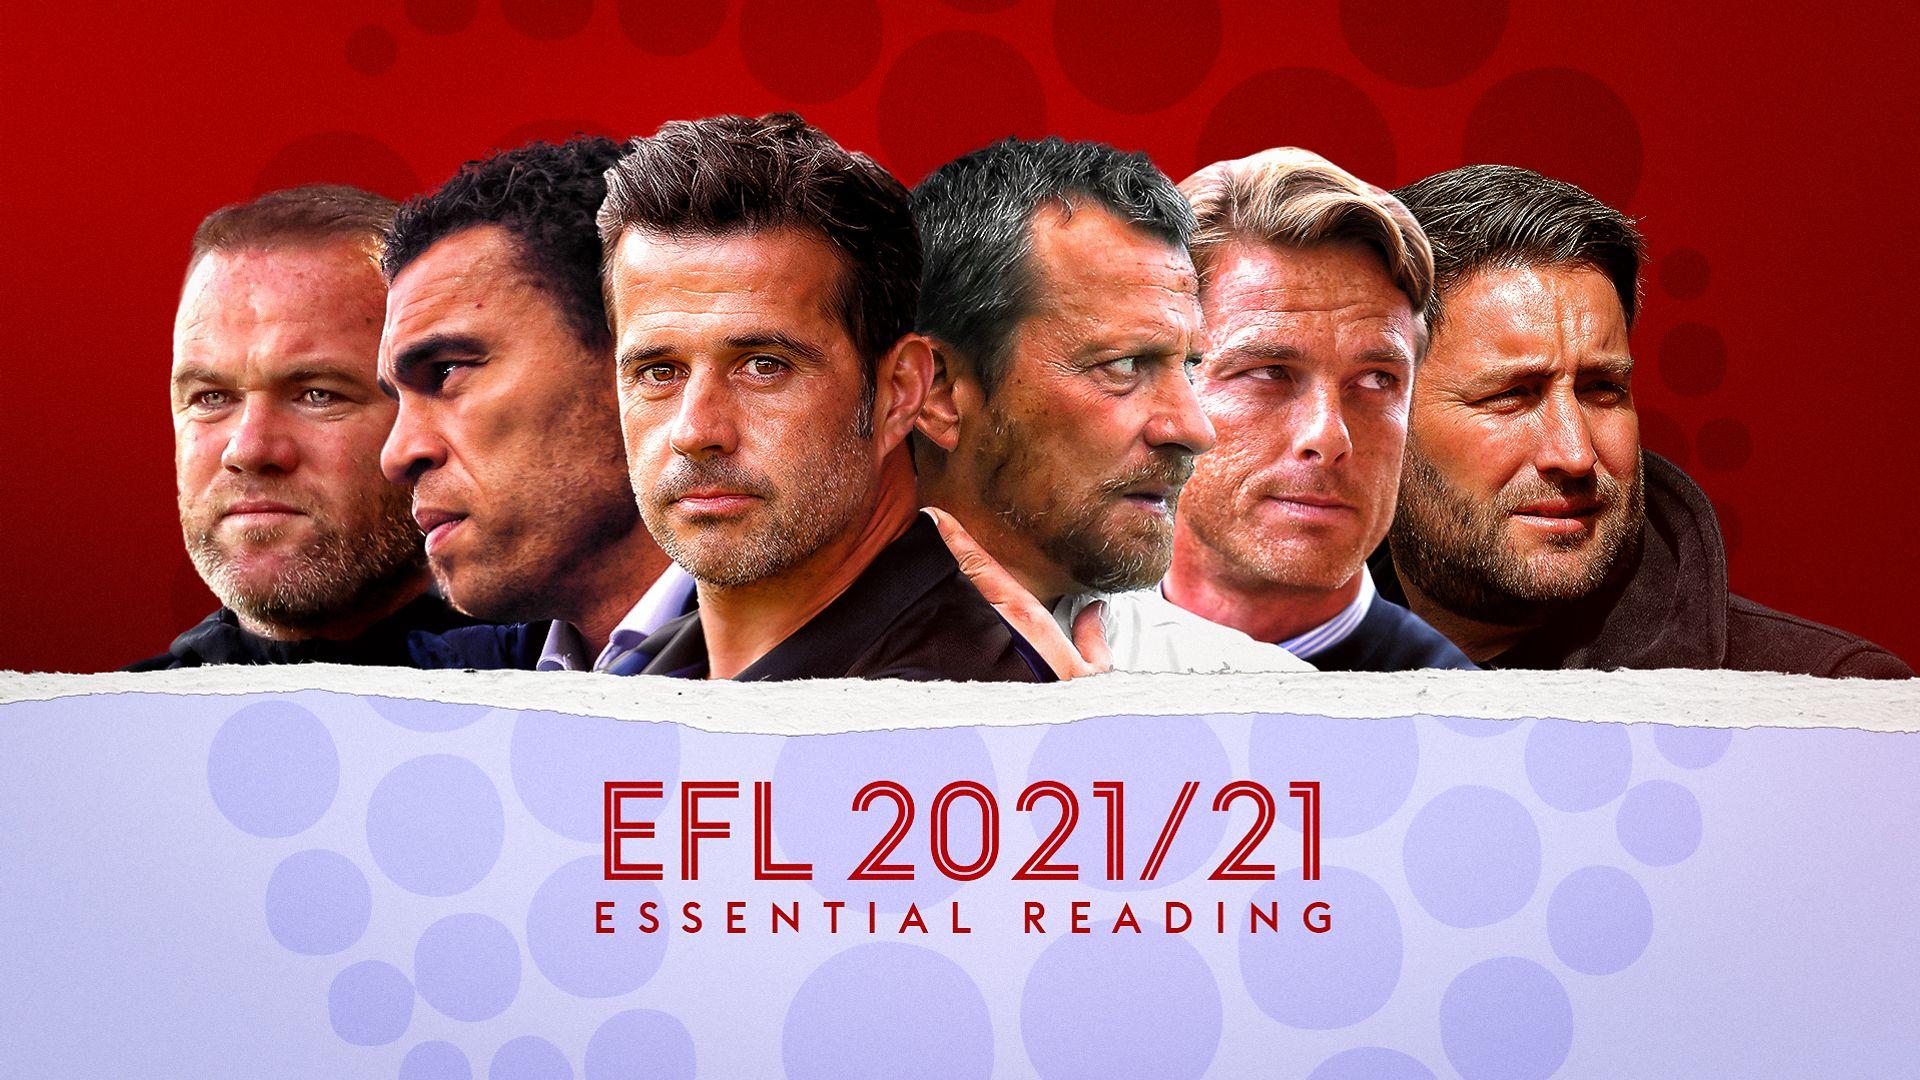 EFL 2021/22: Essential reading